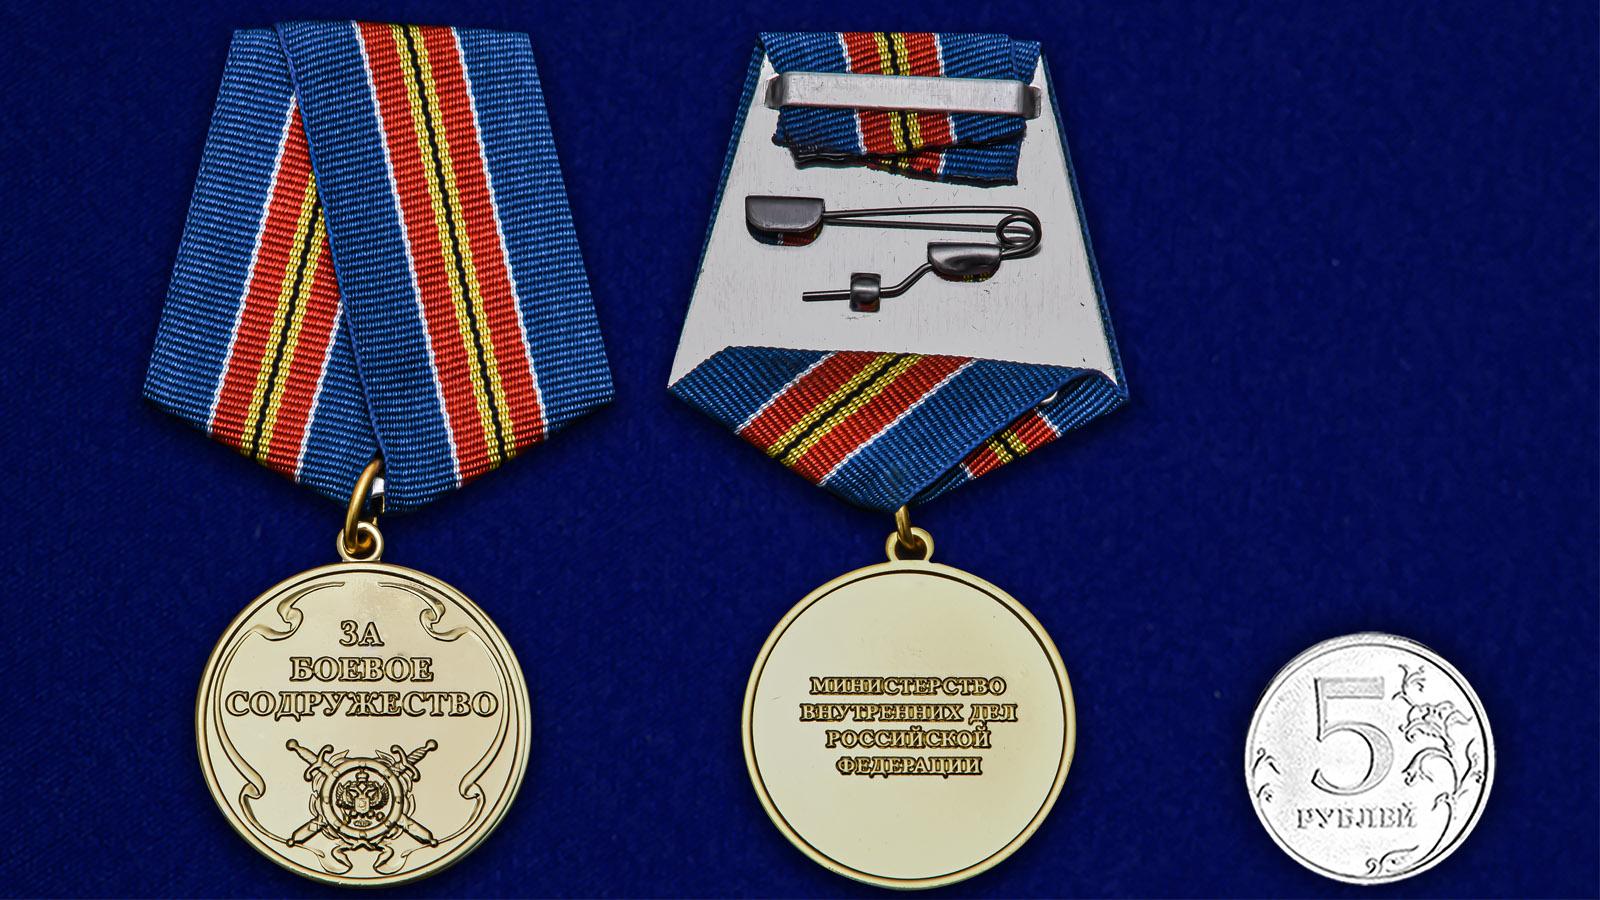 Медаль «За боевое содружество» (МВД) - размер